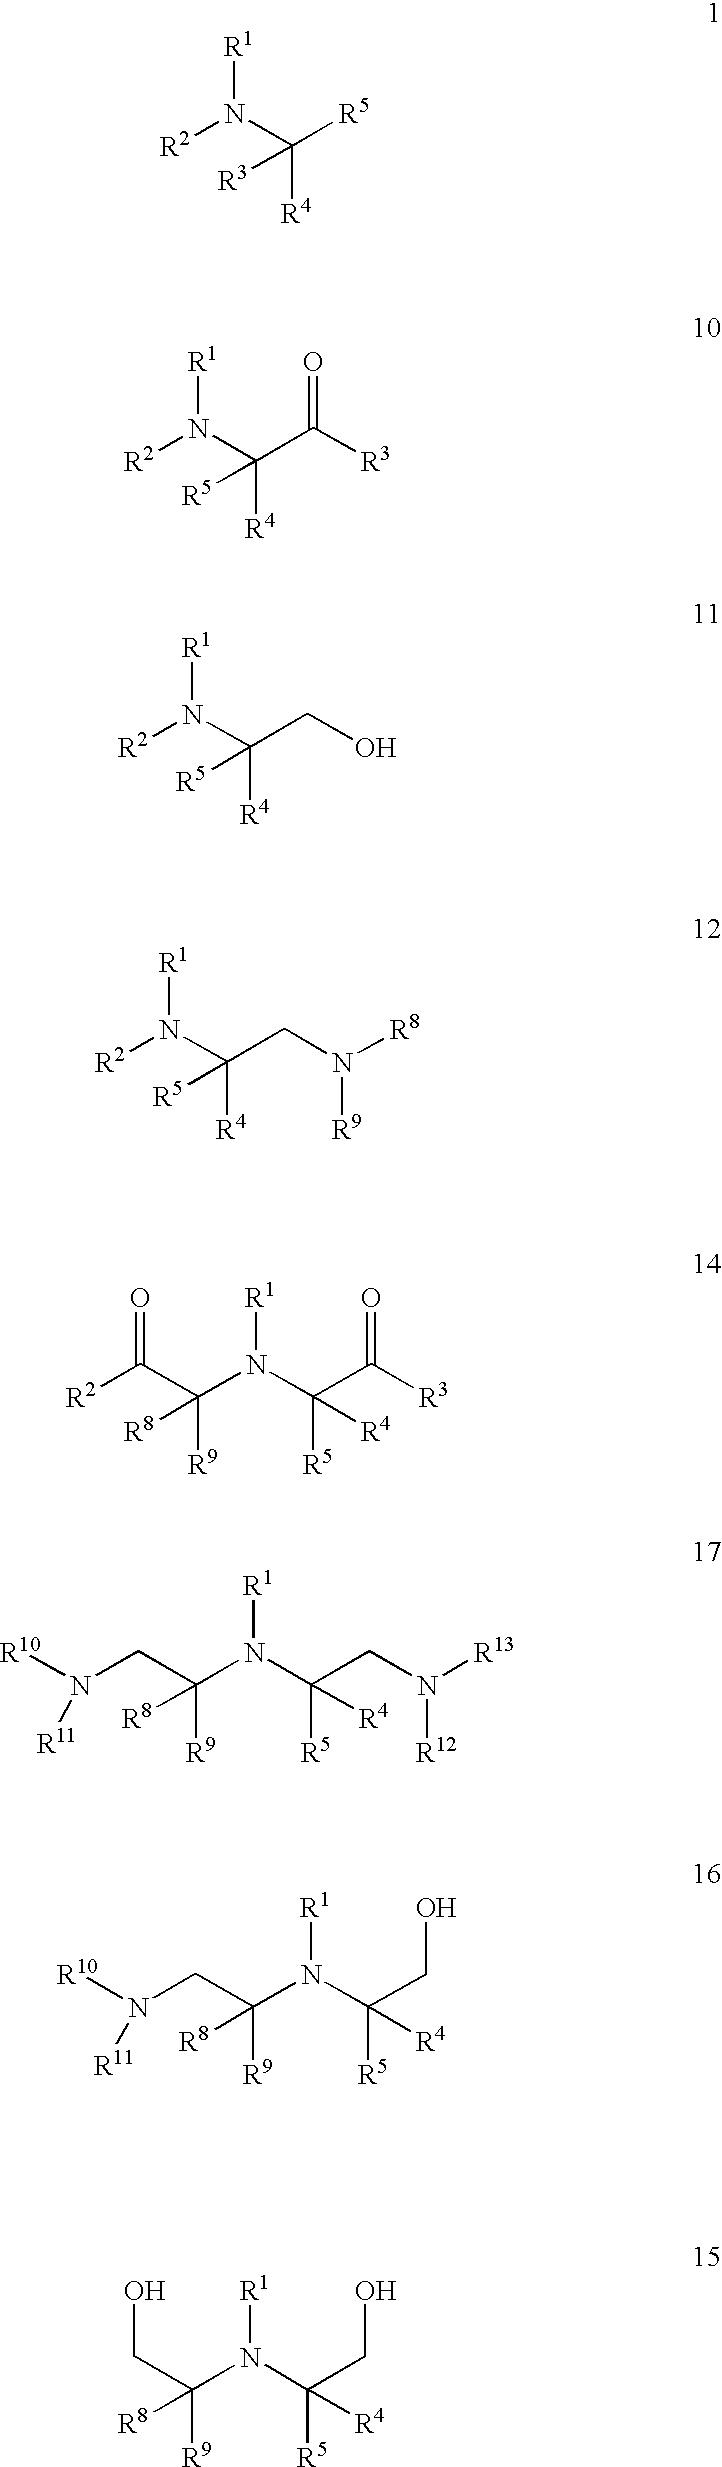 Figure US06602817-20030805-C00010